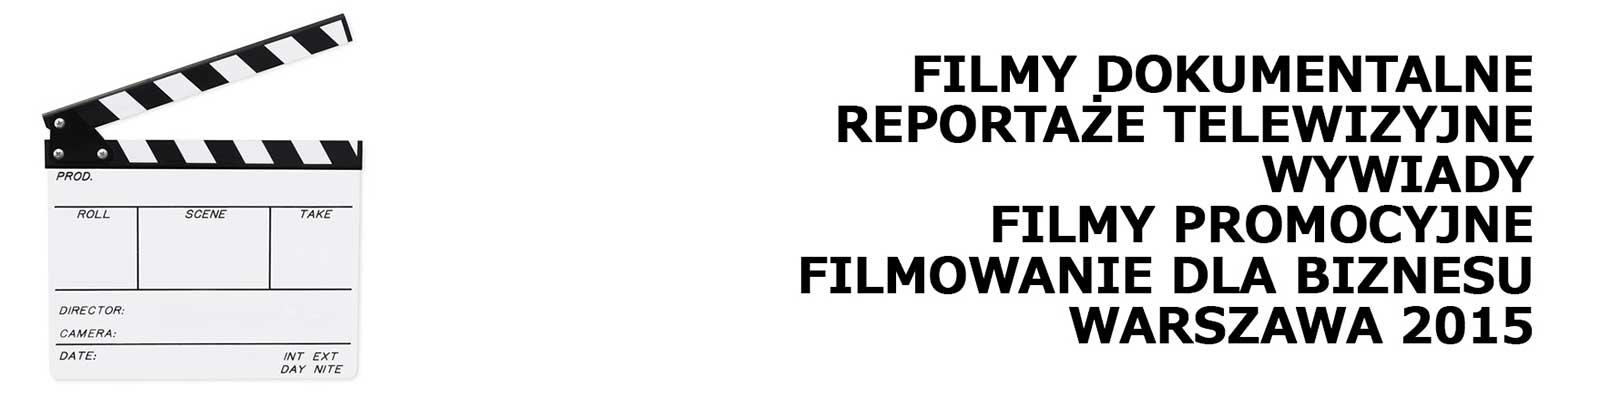 Studio Filmowe Warszawa - Produkcja Filmowa